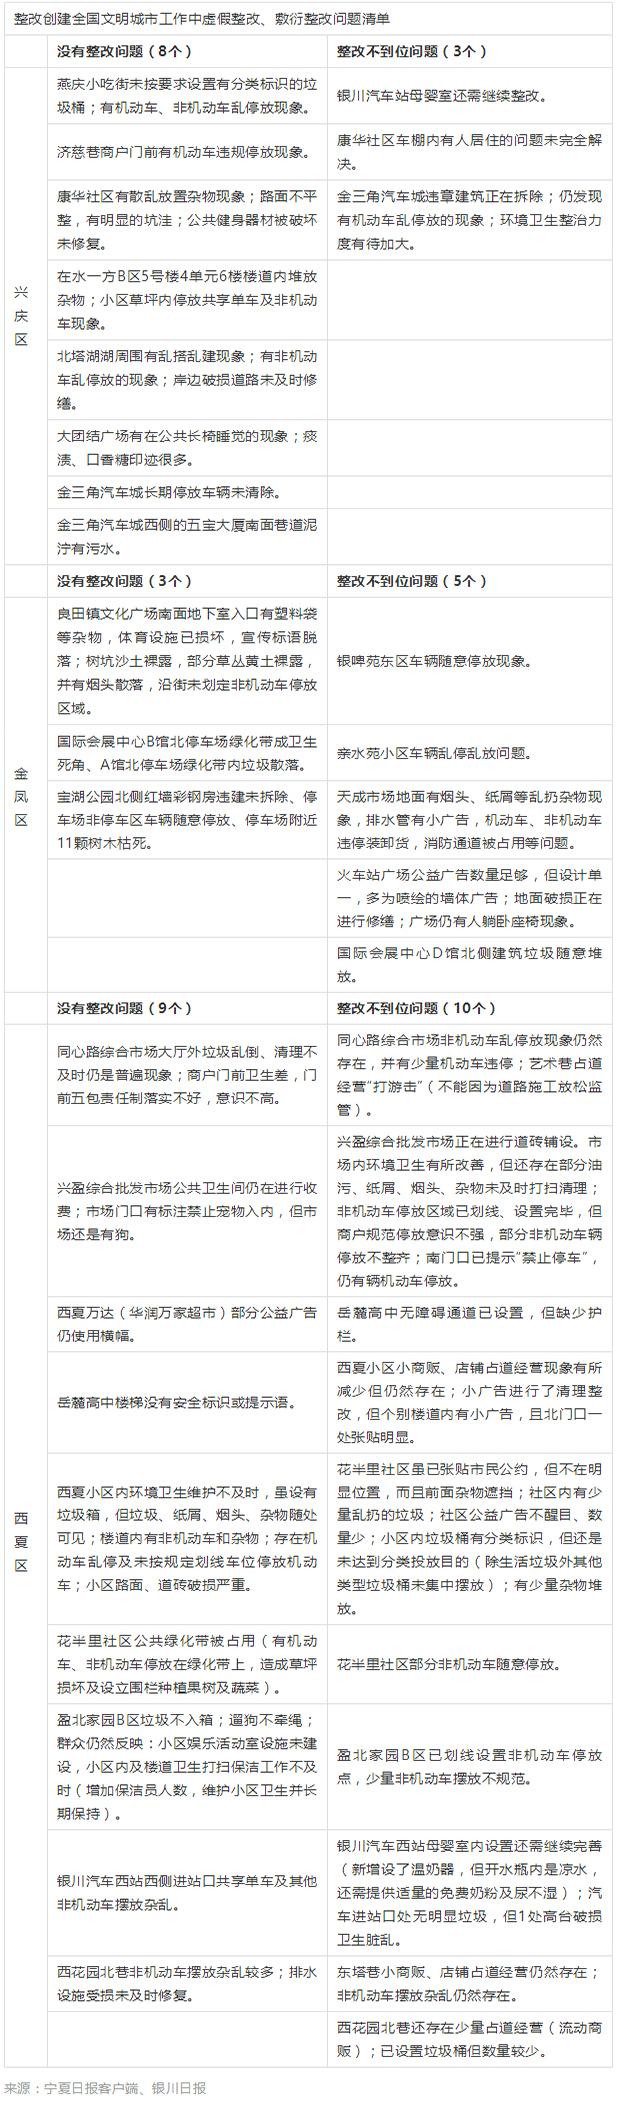 华夏基金2019年中期重仓96只个股 民资占近六成